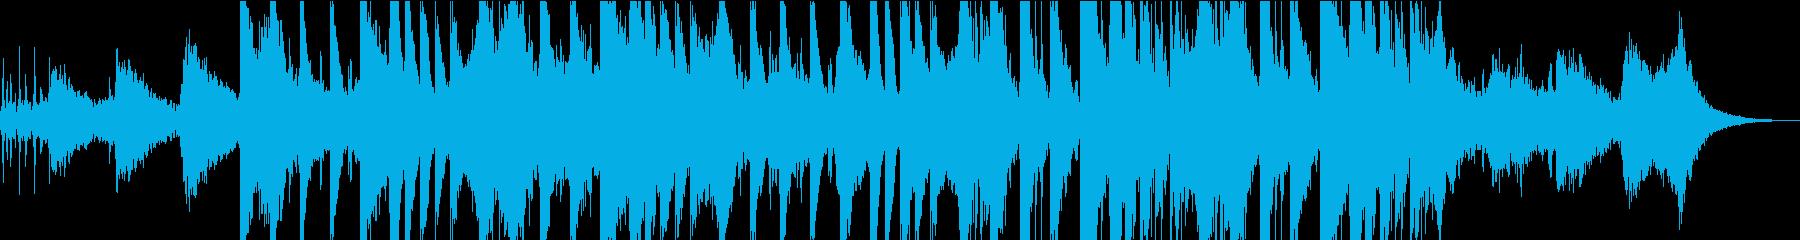 神秘的な雰囲気のエキゾチックなサウンドの再生済みの波形